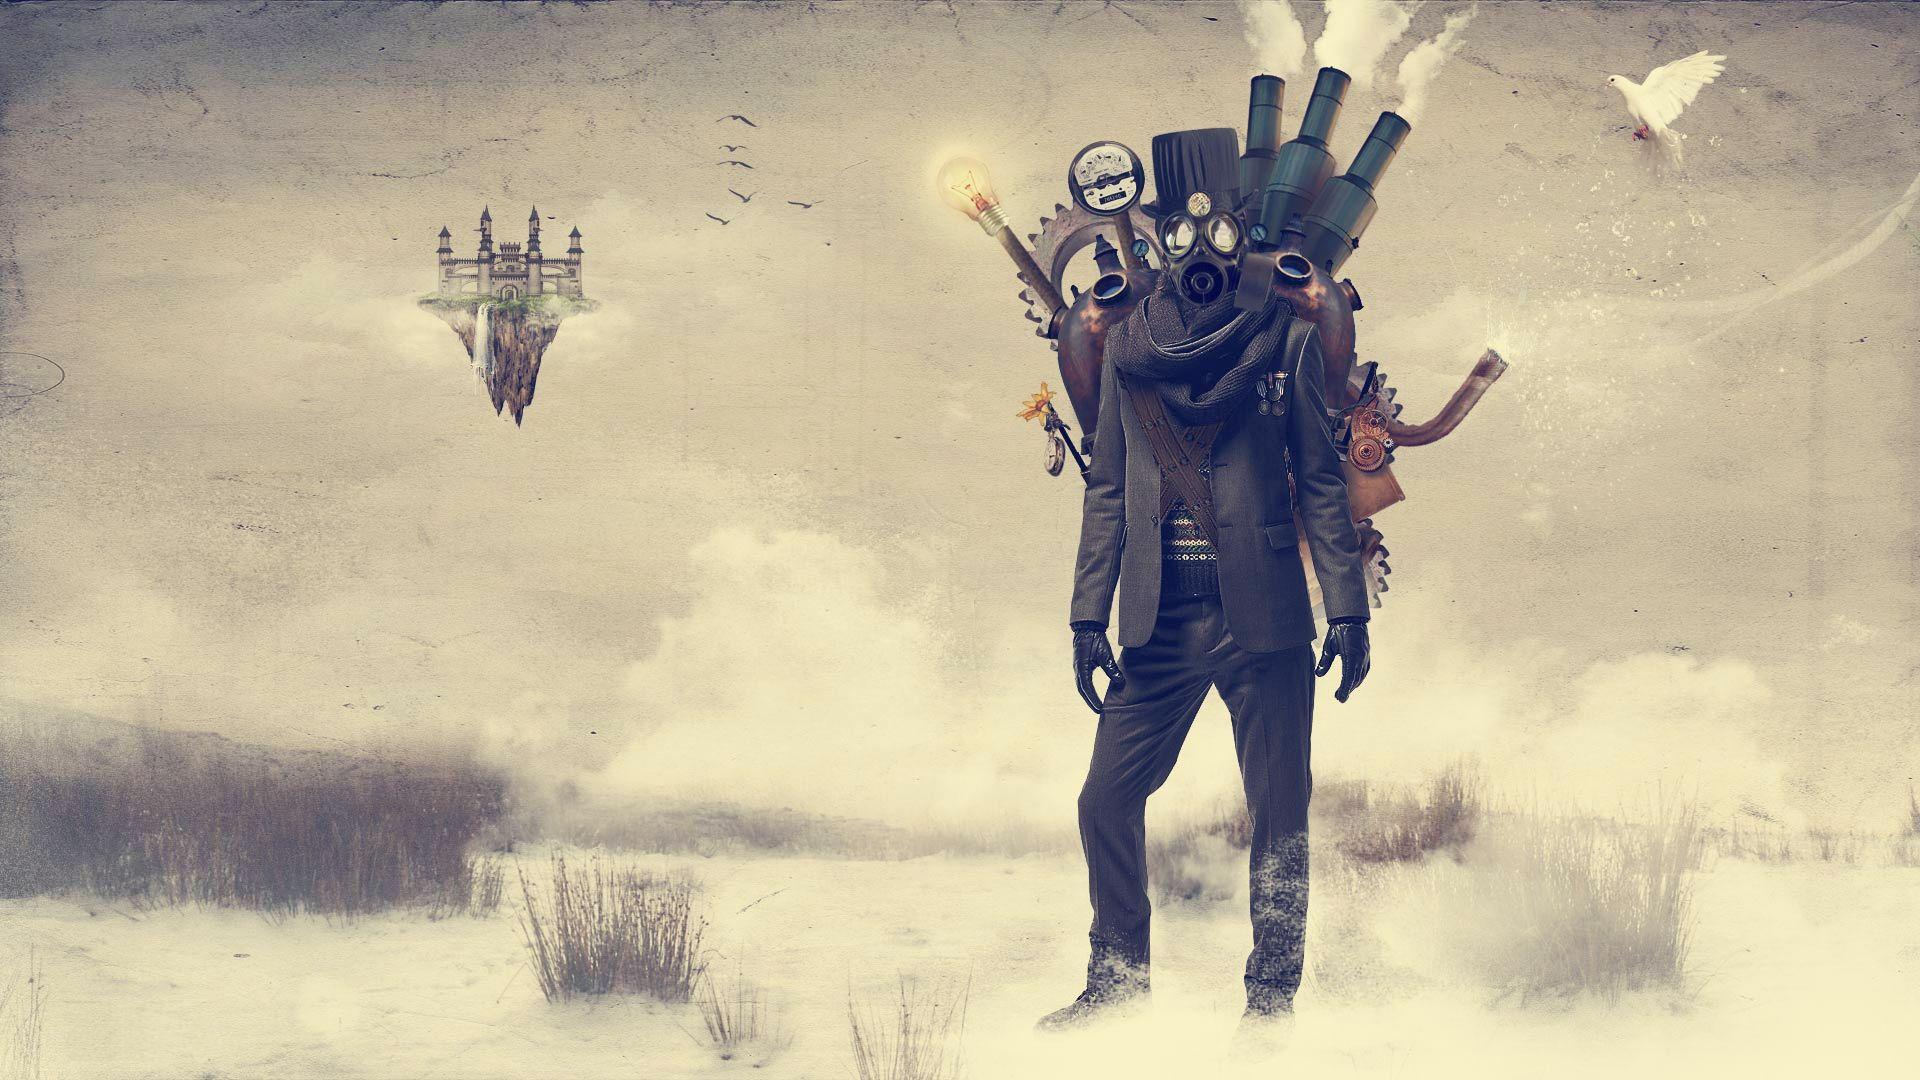 Steampunk Wallpaper Theme